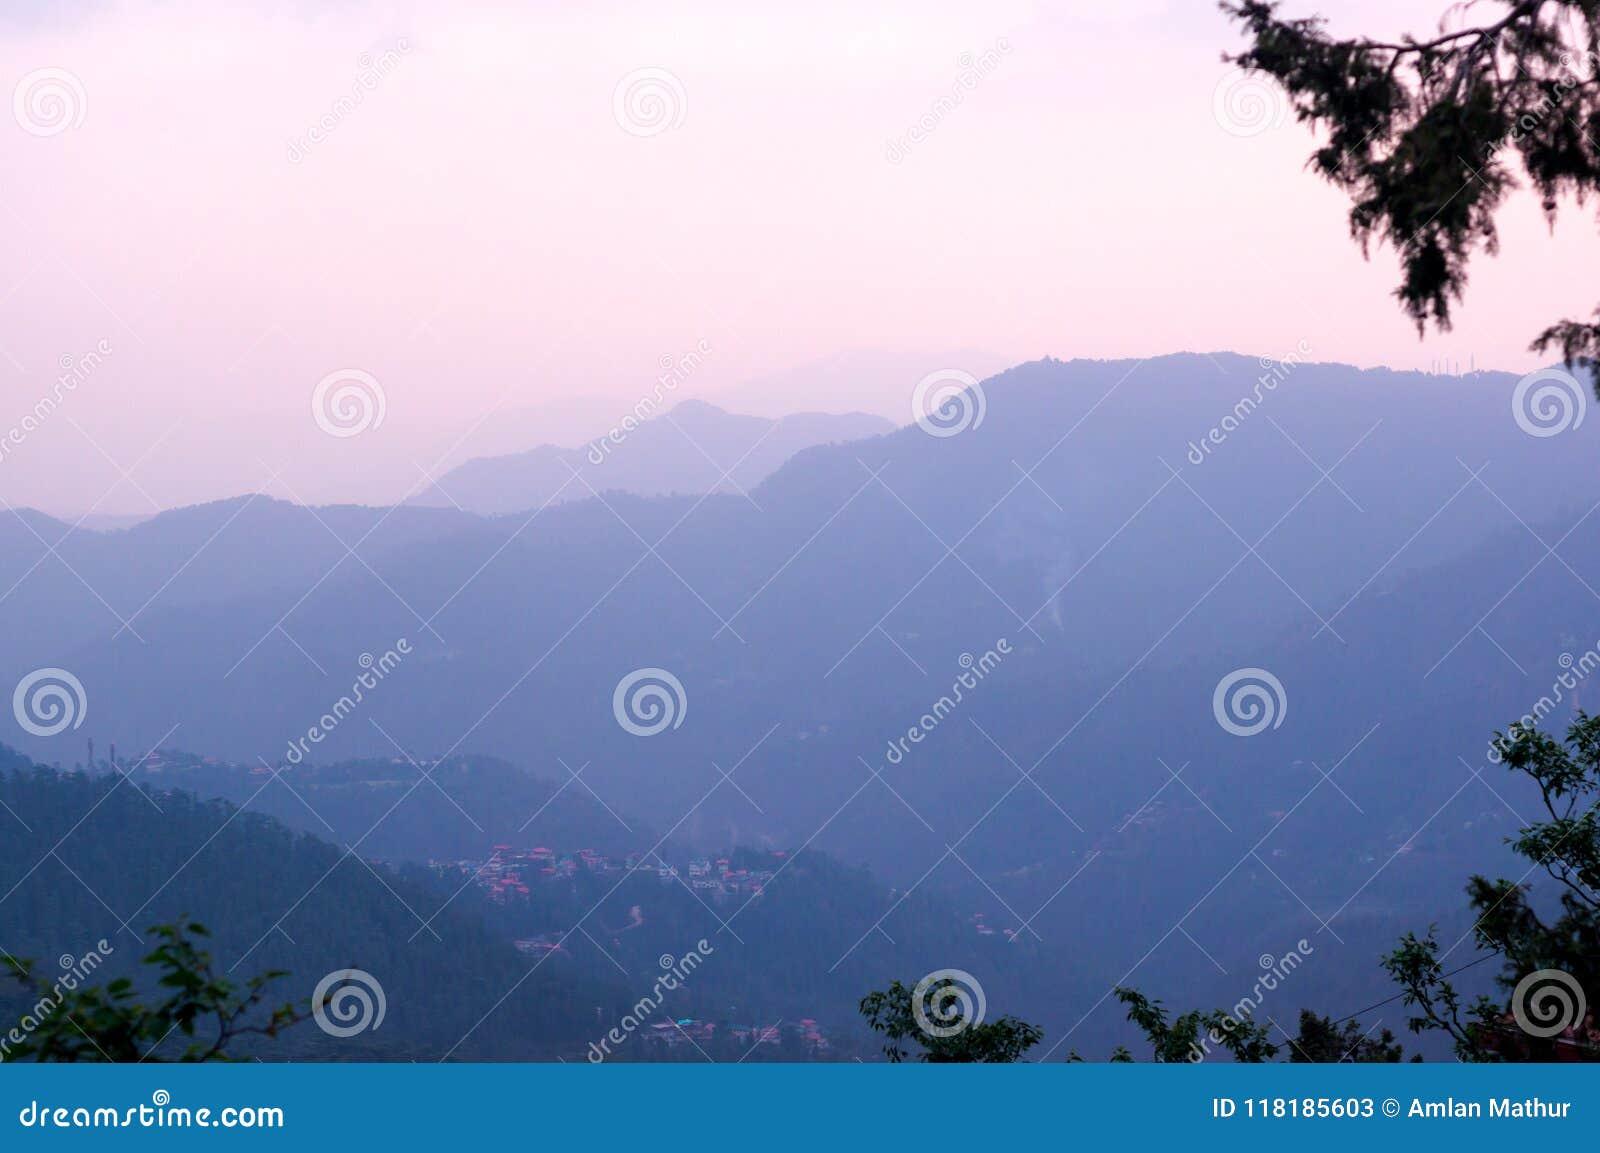 Ridge at blue hills